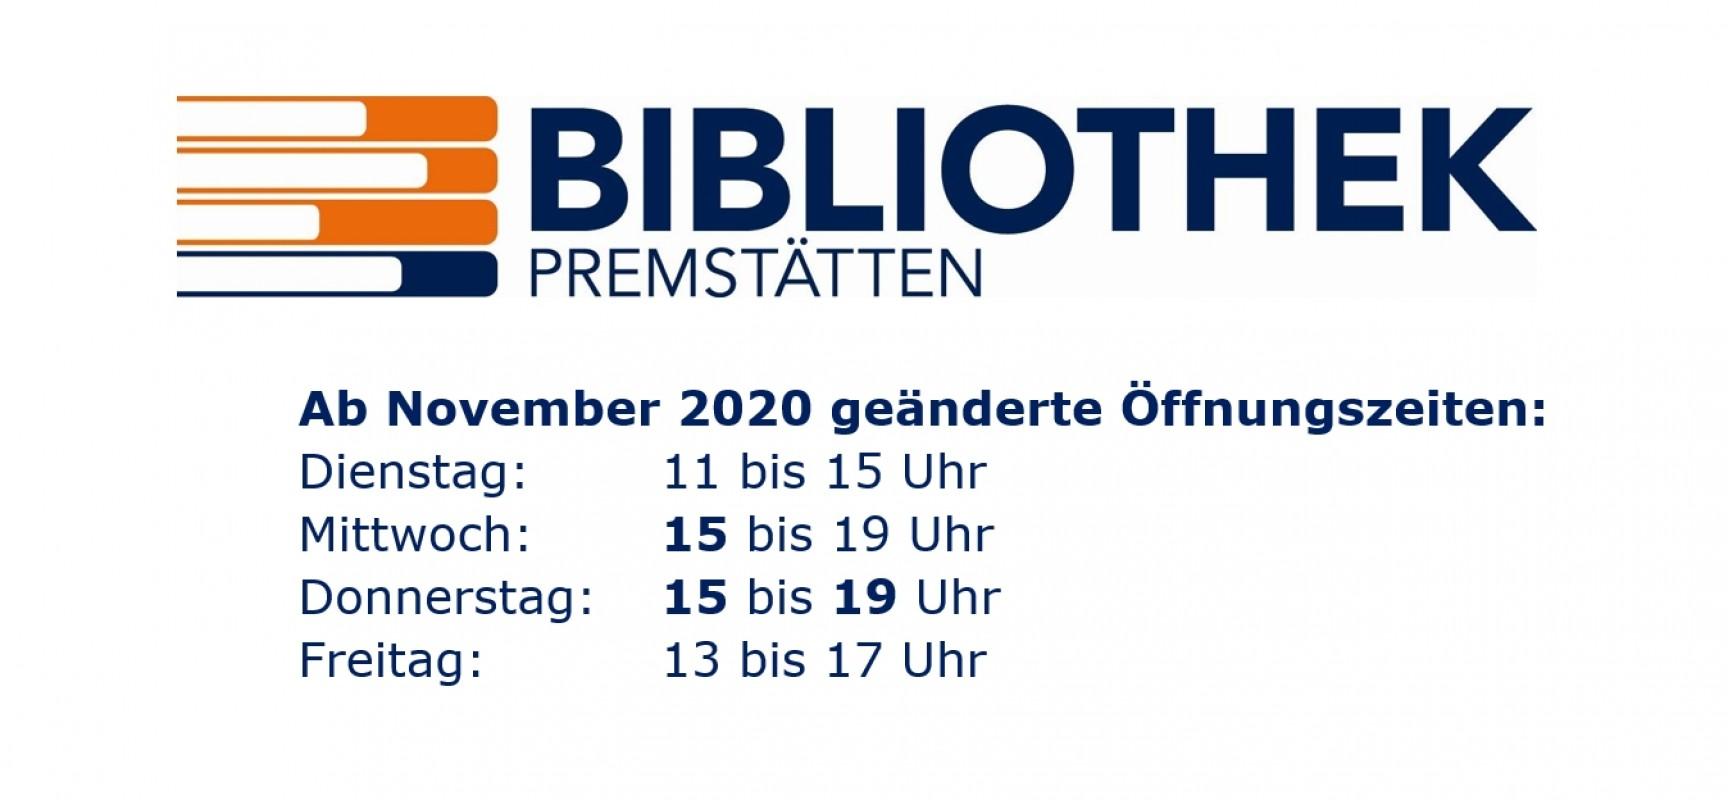 Neue Öffnungszeiten seit November 2020